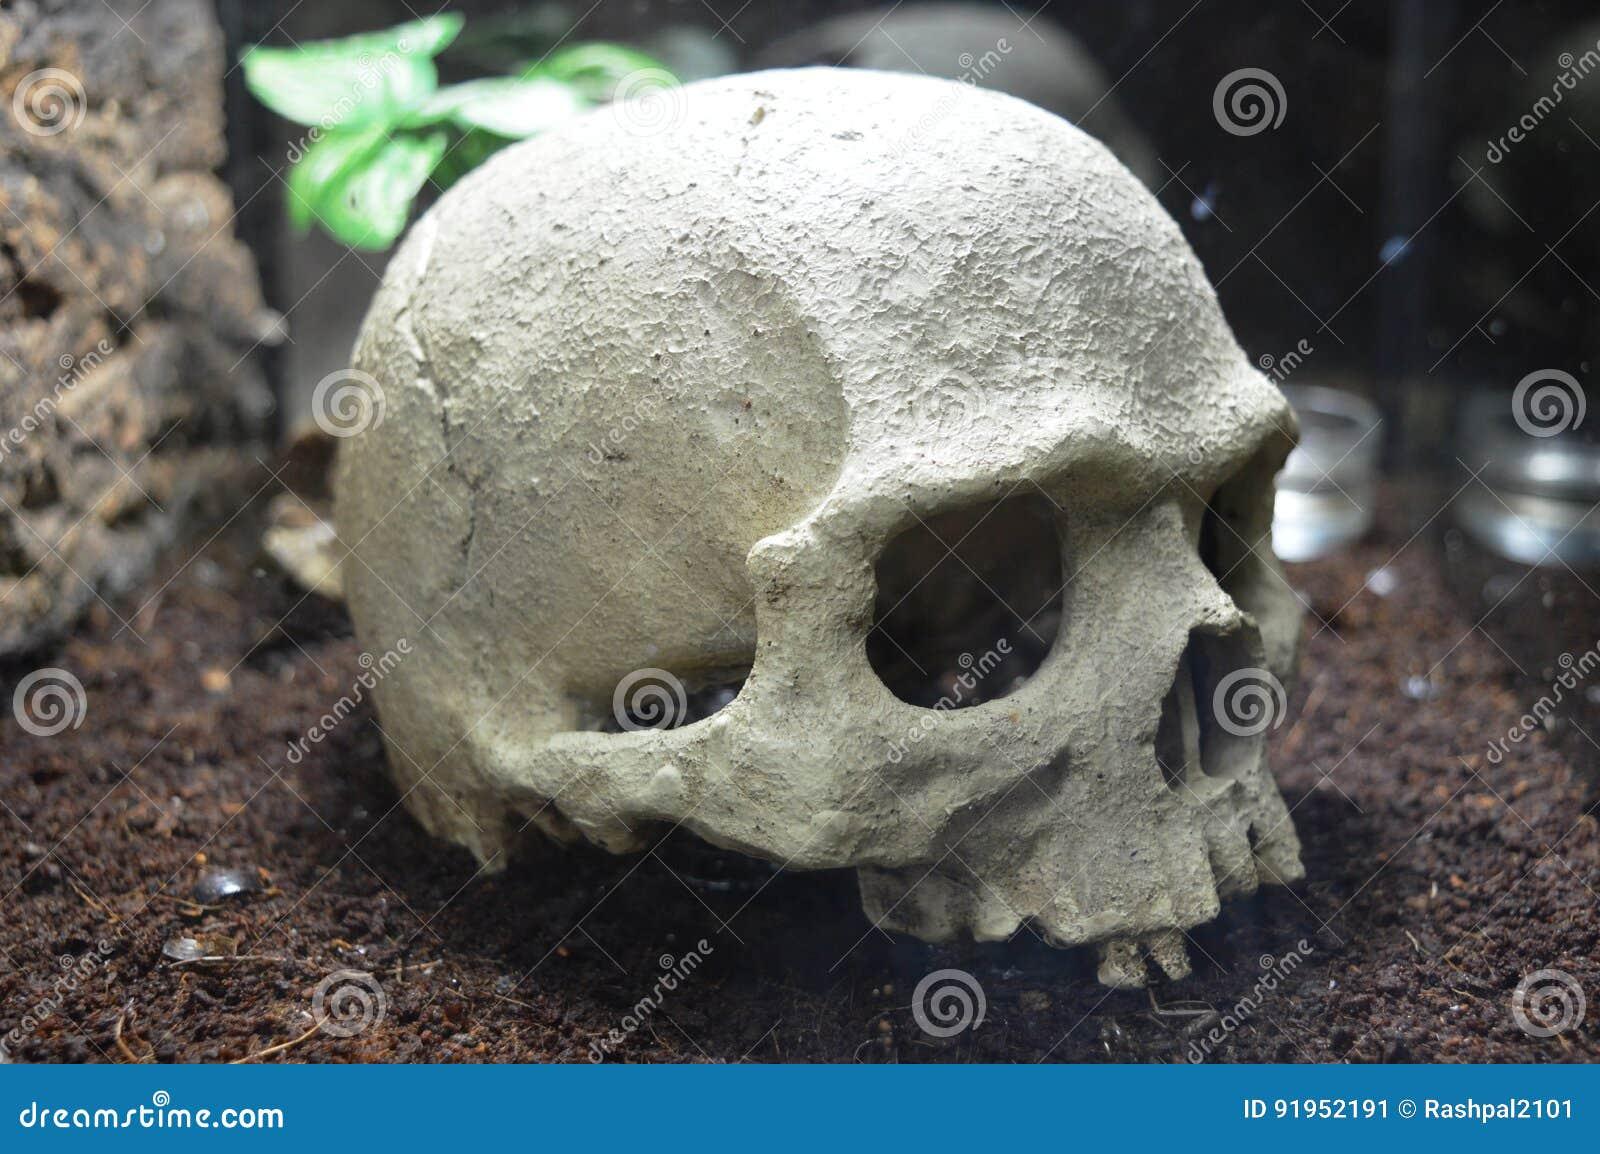 Cráneo humano imagen de archivo. Imagen de muerto, cara - 91952191